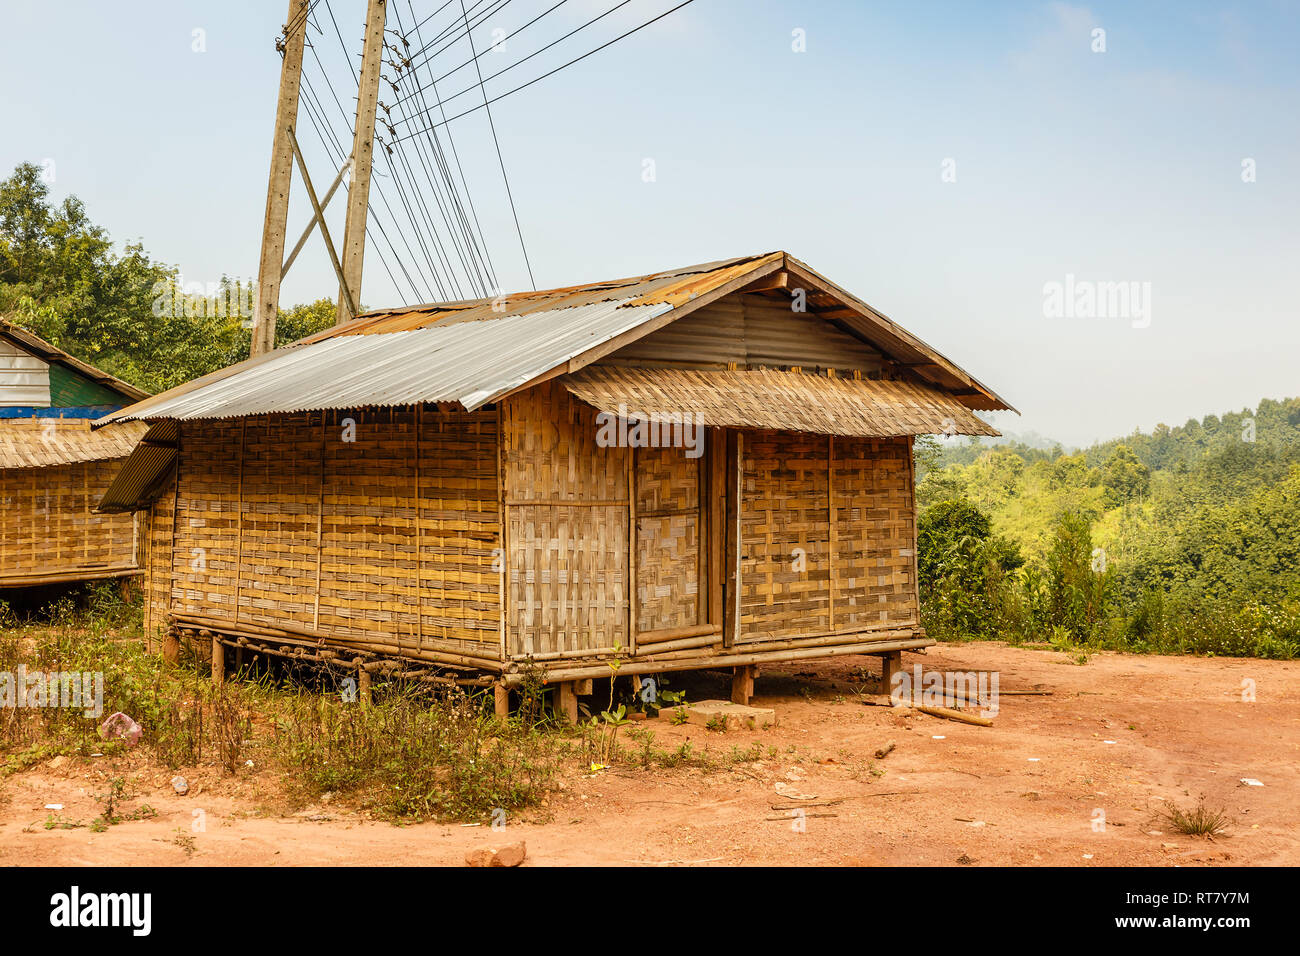 maison en bambou photos maison en bambou images alamy. Black Bedroom Furniture Sets. Home Design Ideas